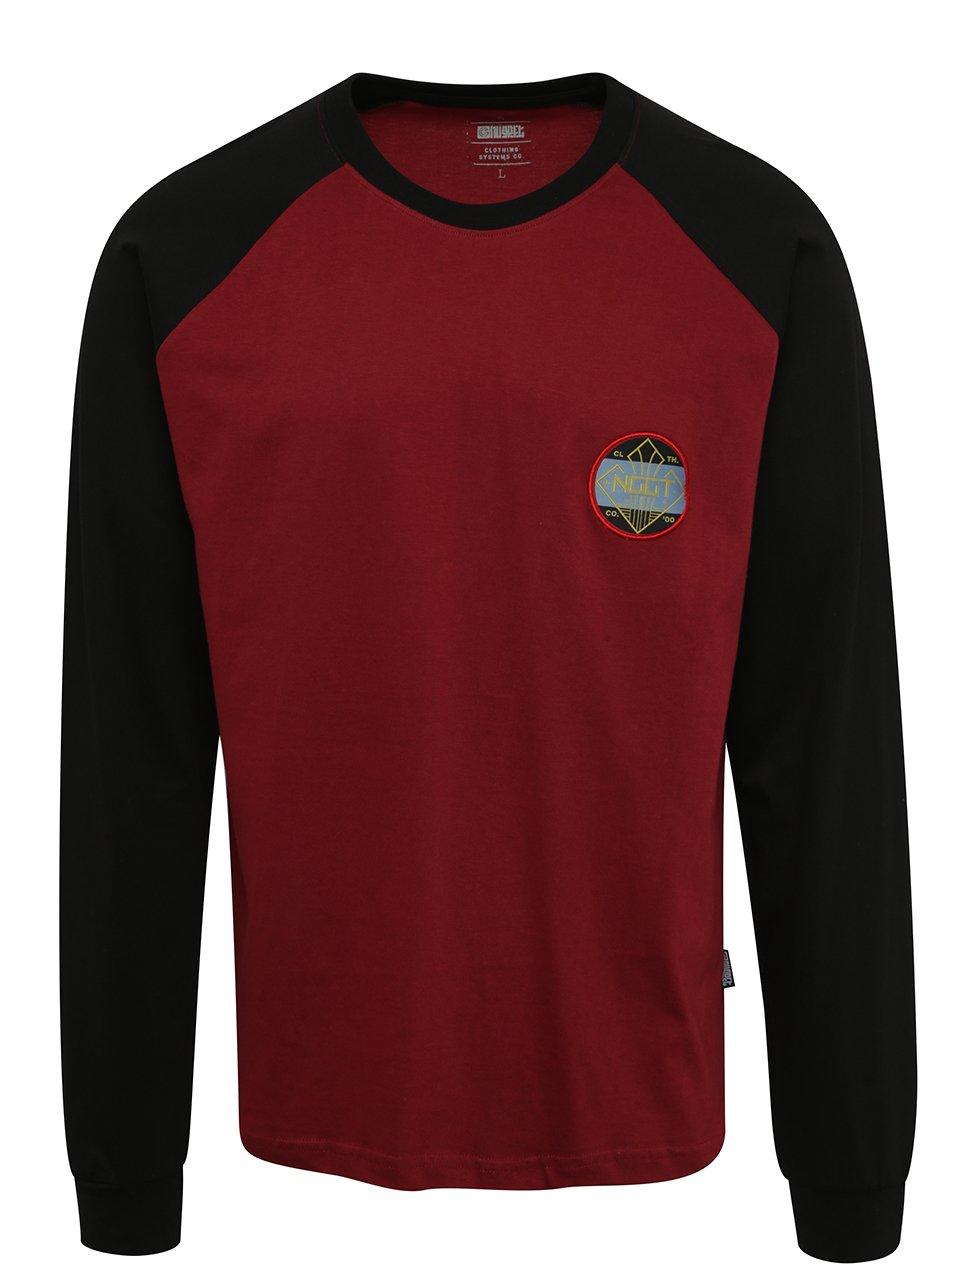 Černo-vínové pánské triko s nášivkou a dlouhým rukávem NUGGET Module